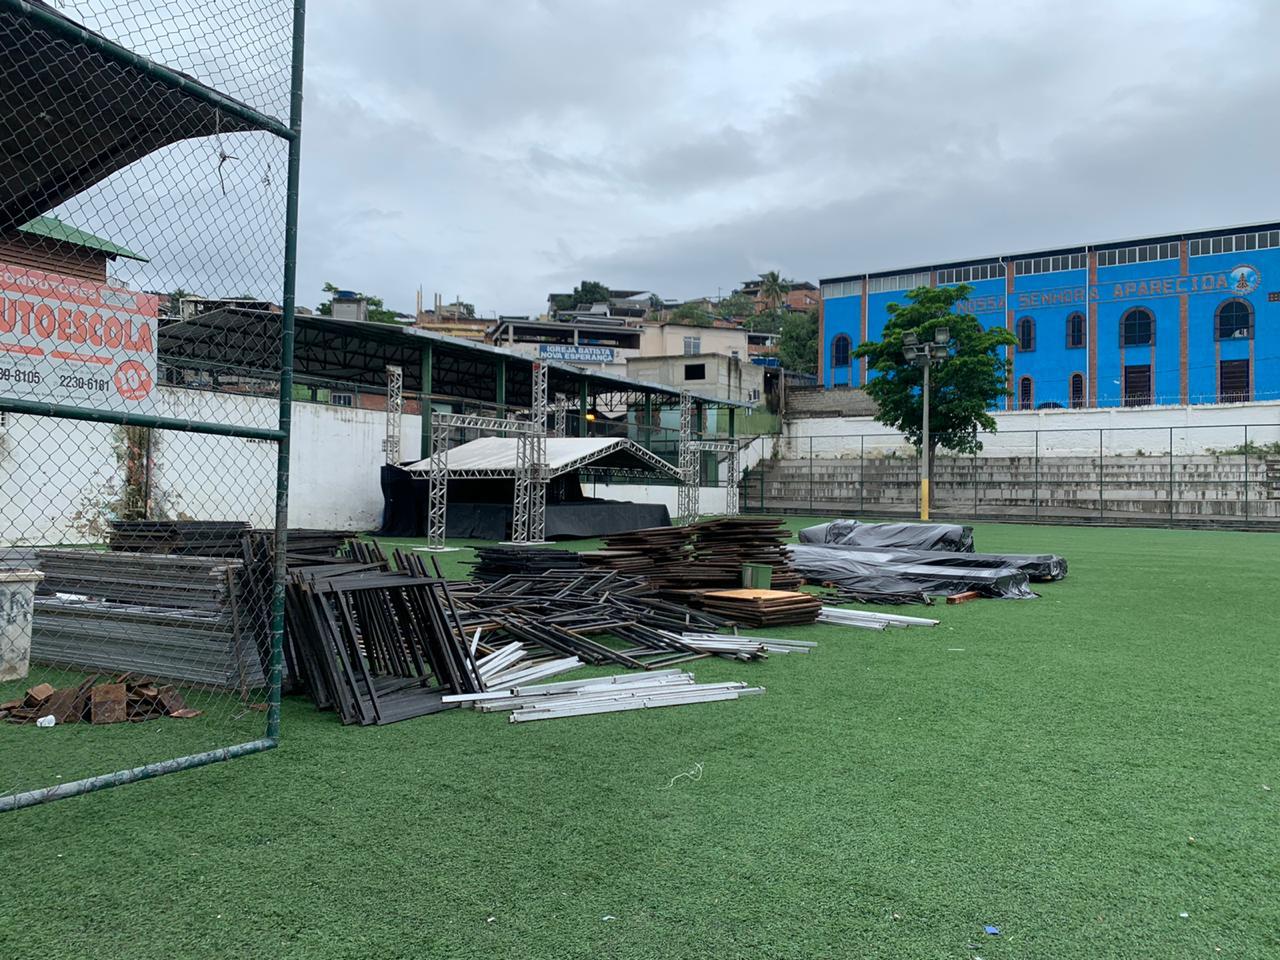 Evento beneficente é cancelado após operação militar na Vila Cruzeiro